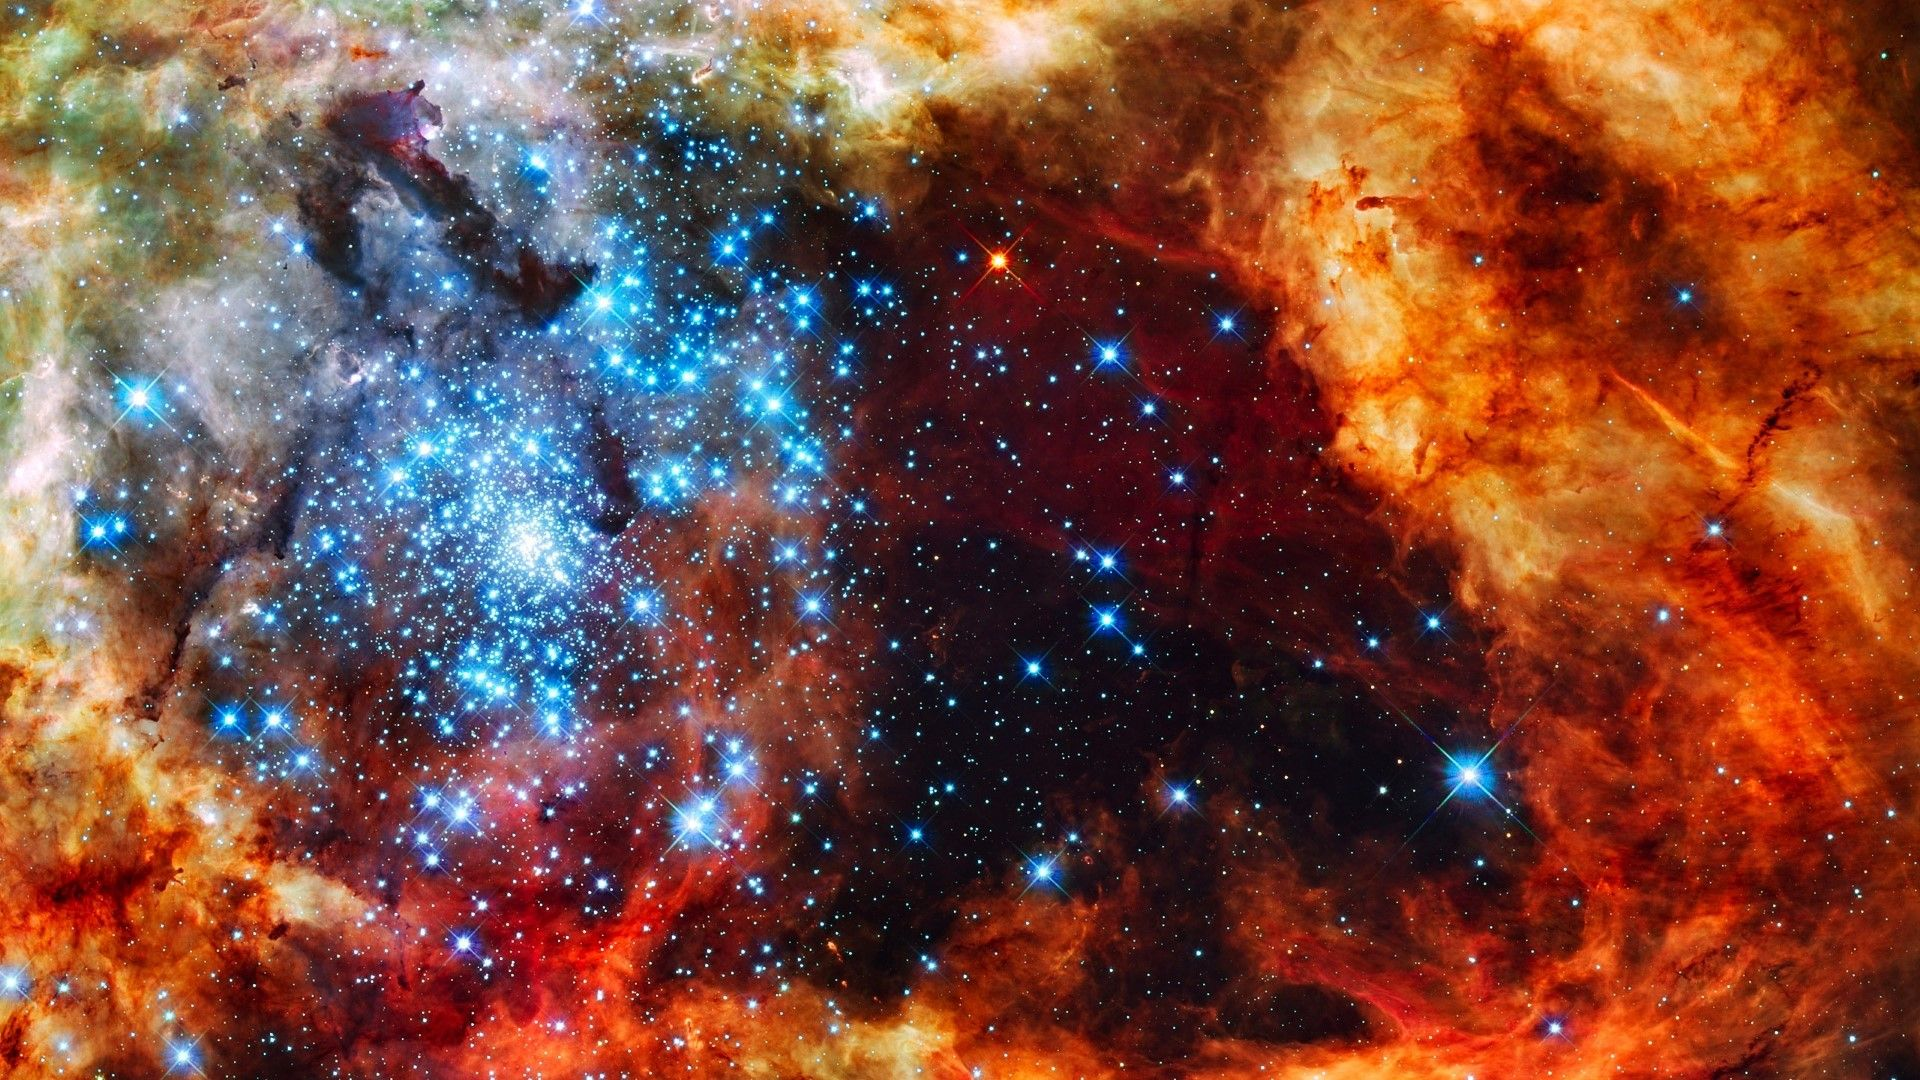 1920x1080 Hd 16 9 High Resolution Desktop Wallpapers For Widescreen Fullscreen High Definition Dual Moni Space Telescope Hubble Space Telescope Hubble Space